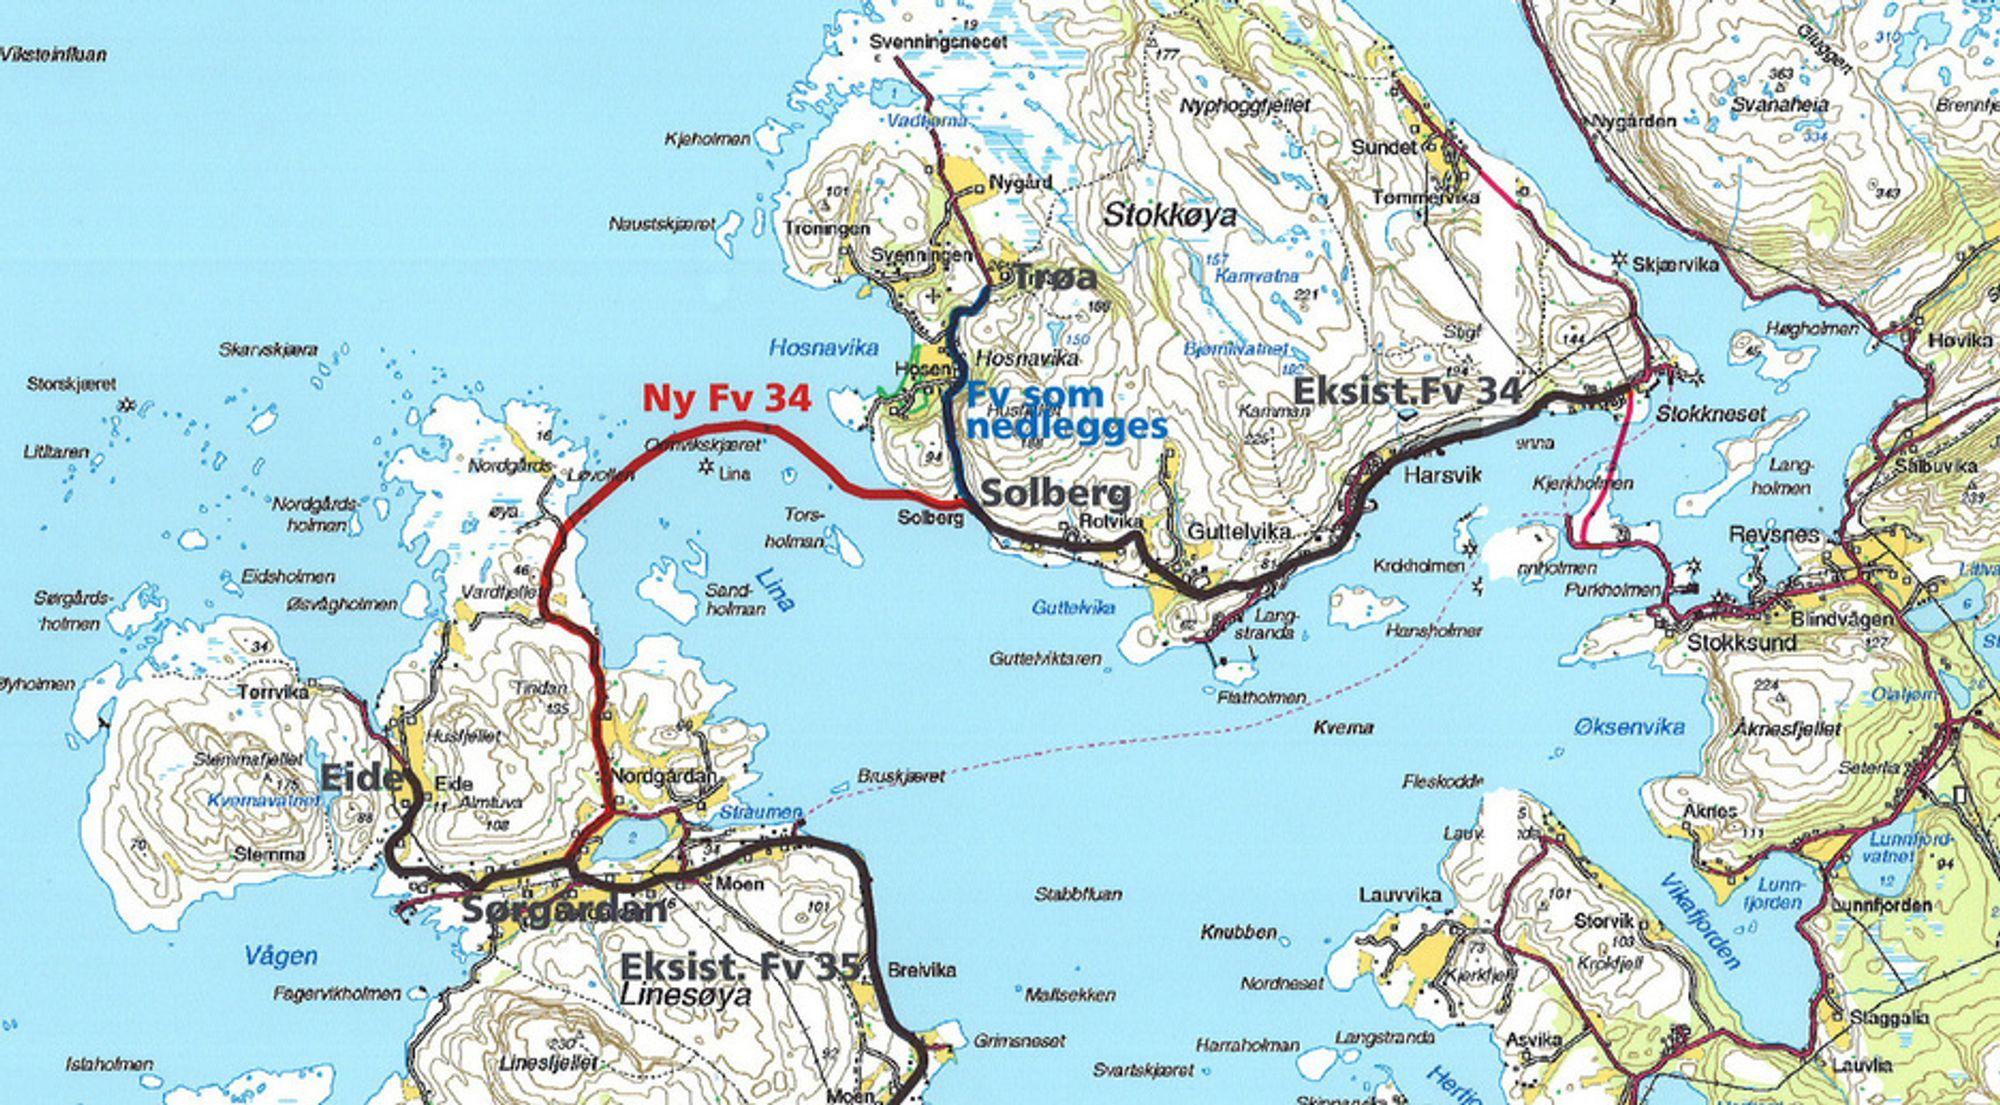 Den røde linjen markerer fyllingene og brua mellom de to øyene. Etter den nye forsinkelsen er det klart at ferga mellom Linesøya og fastlandet ikke får avløsning før mot slutten av året. (Ill.: Statens vegvesen)